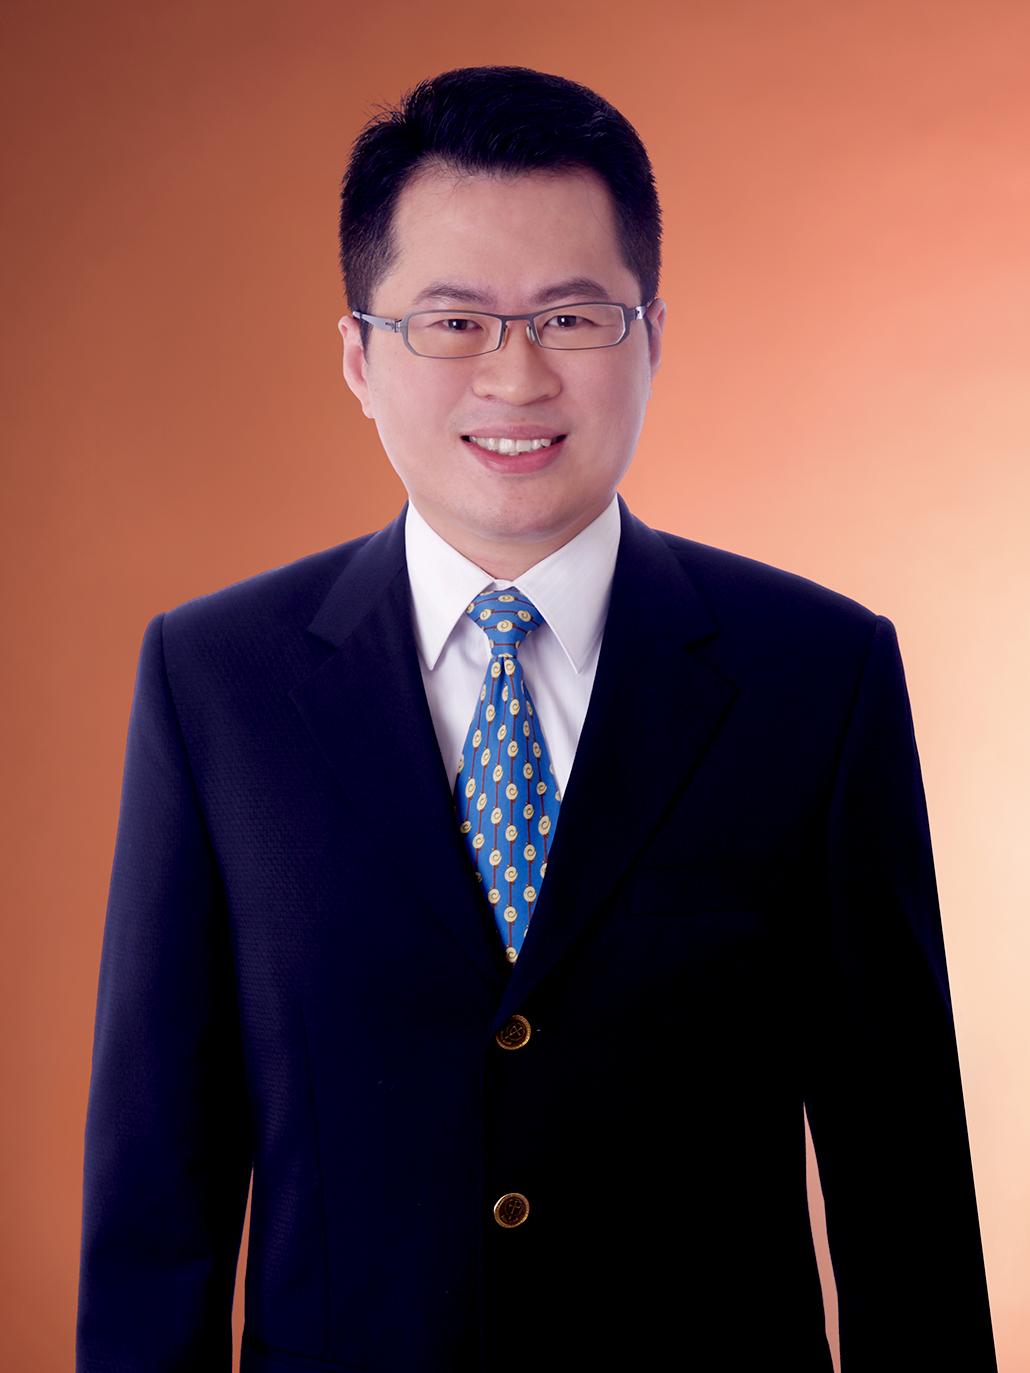 謝澤宇肖像